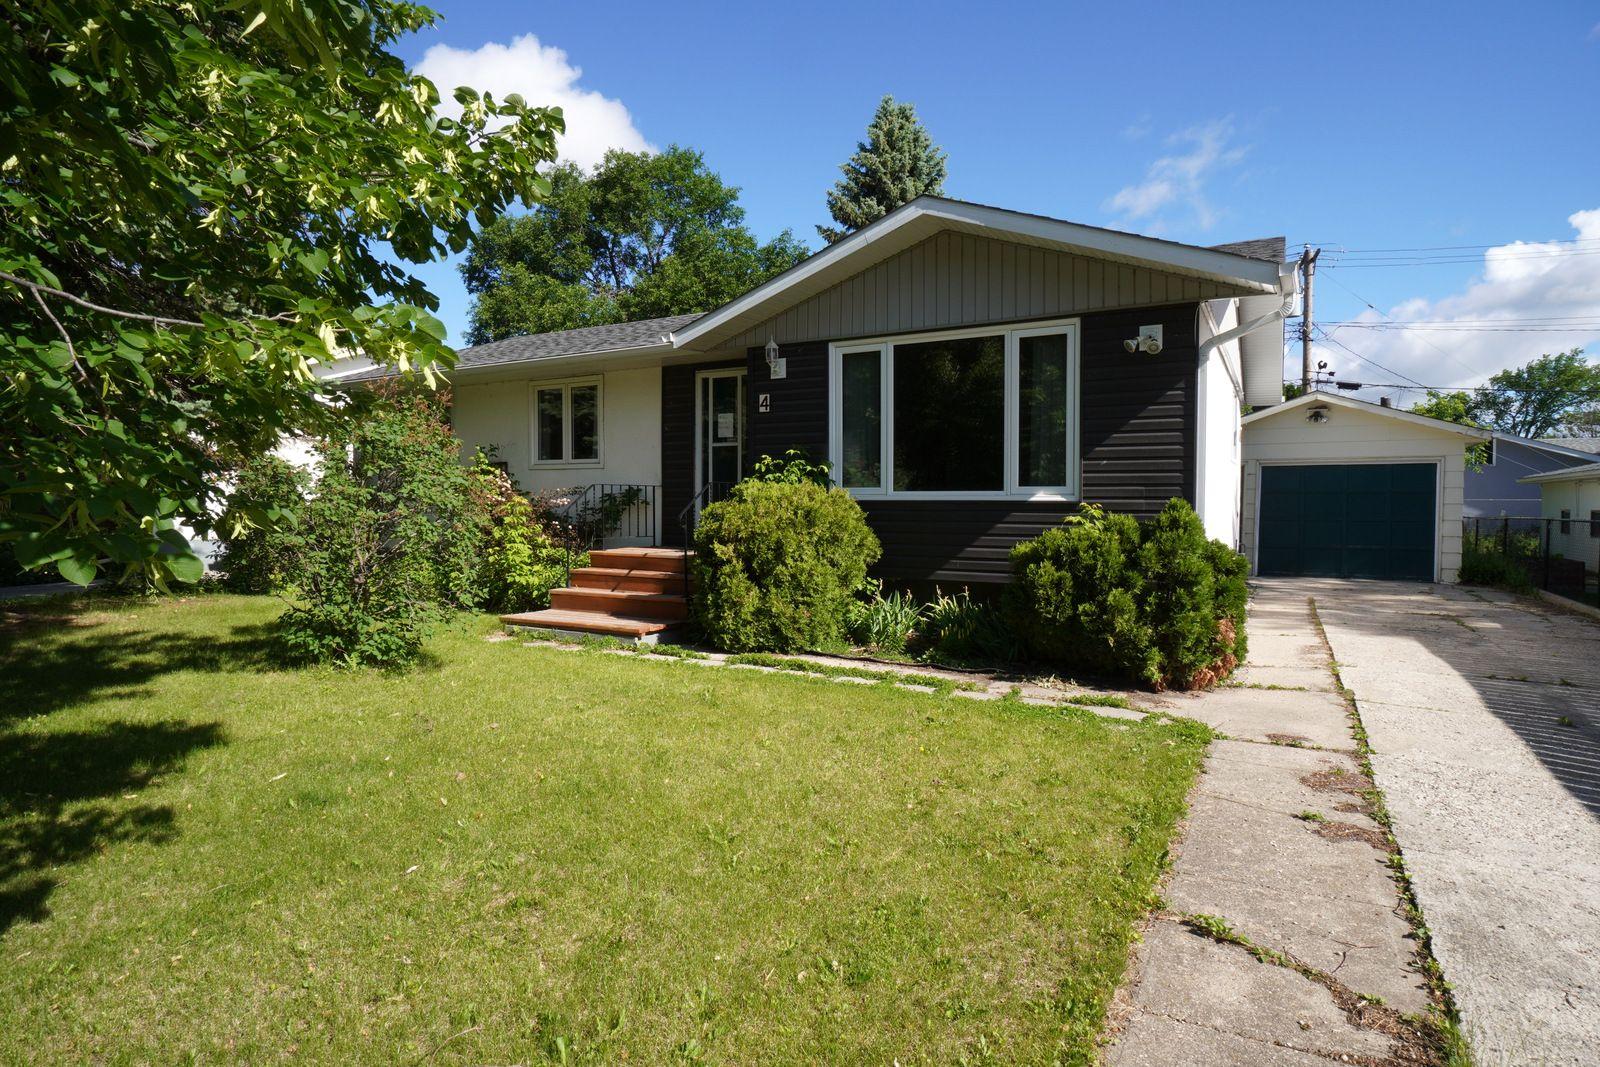 Main Photo: 4 Radisson Avenue in Portage la Prairie: House for sale : MLS®# 202115022